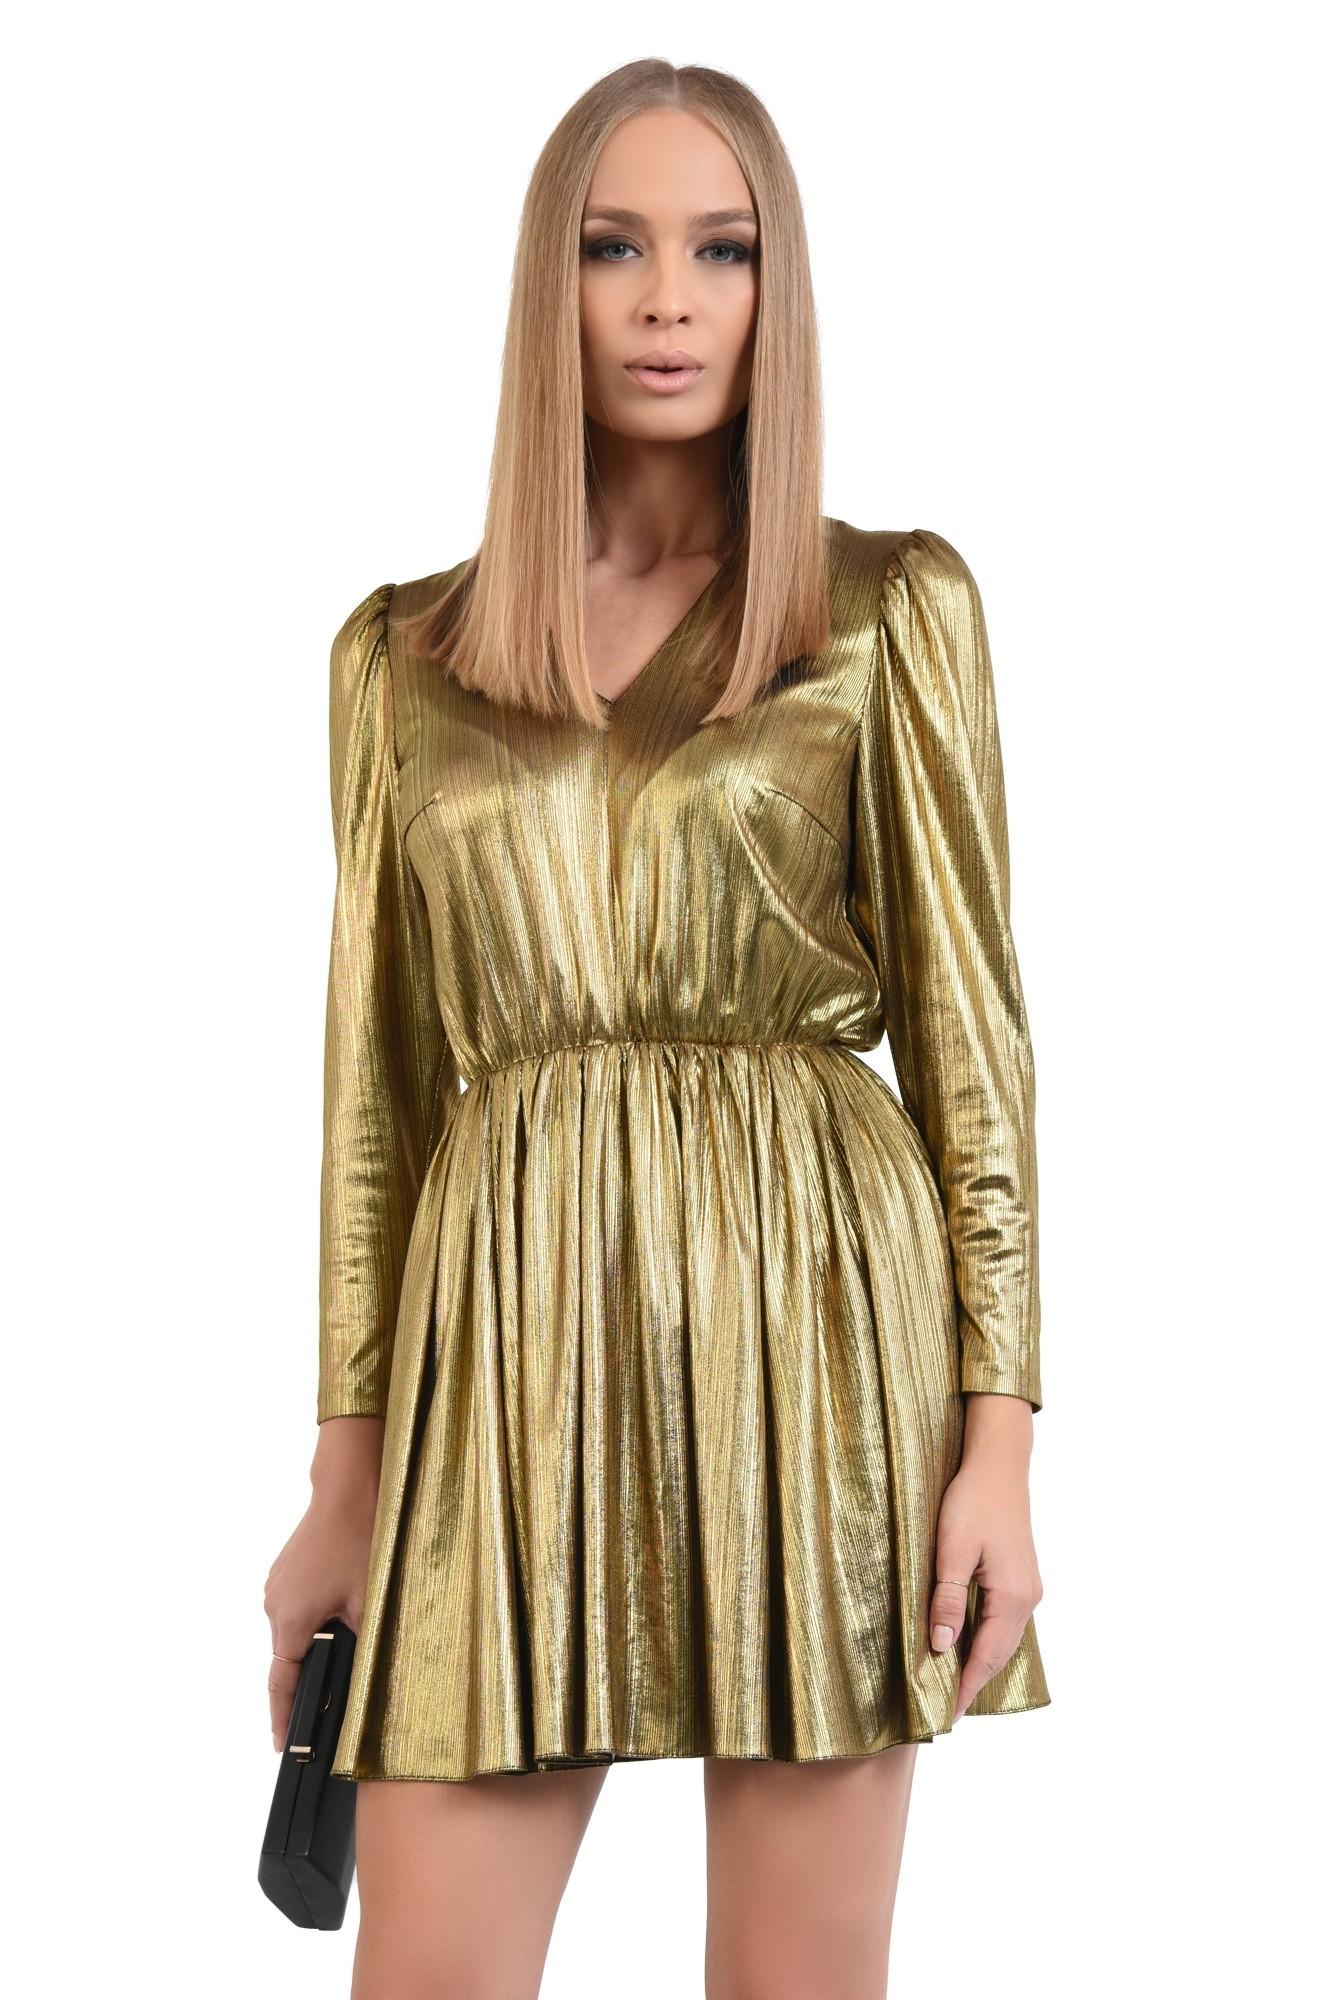 0 - rochie eleganta, din lurex, anchior, clos